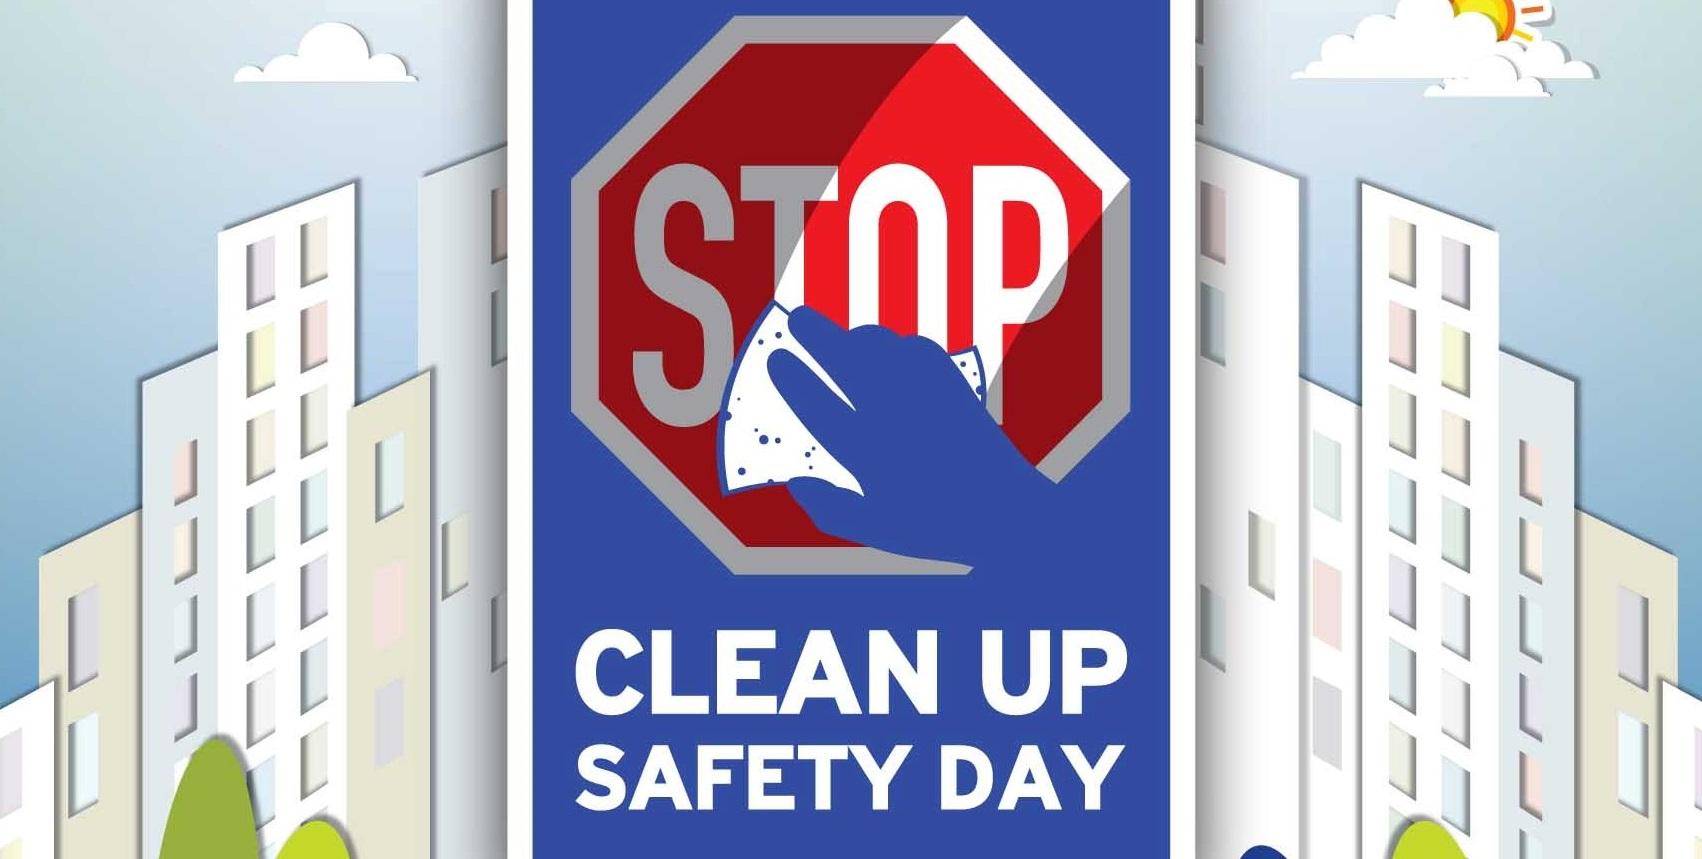 Μονόφυλλο Clean Up Safety Day